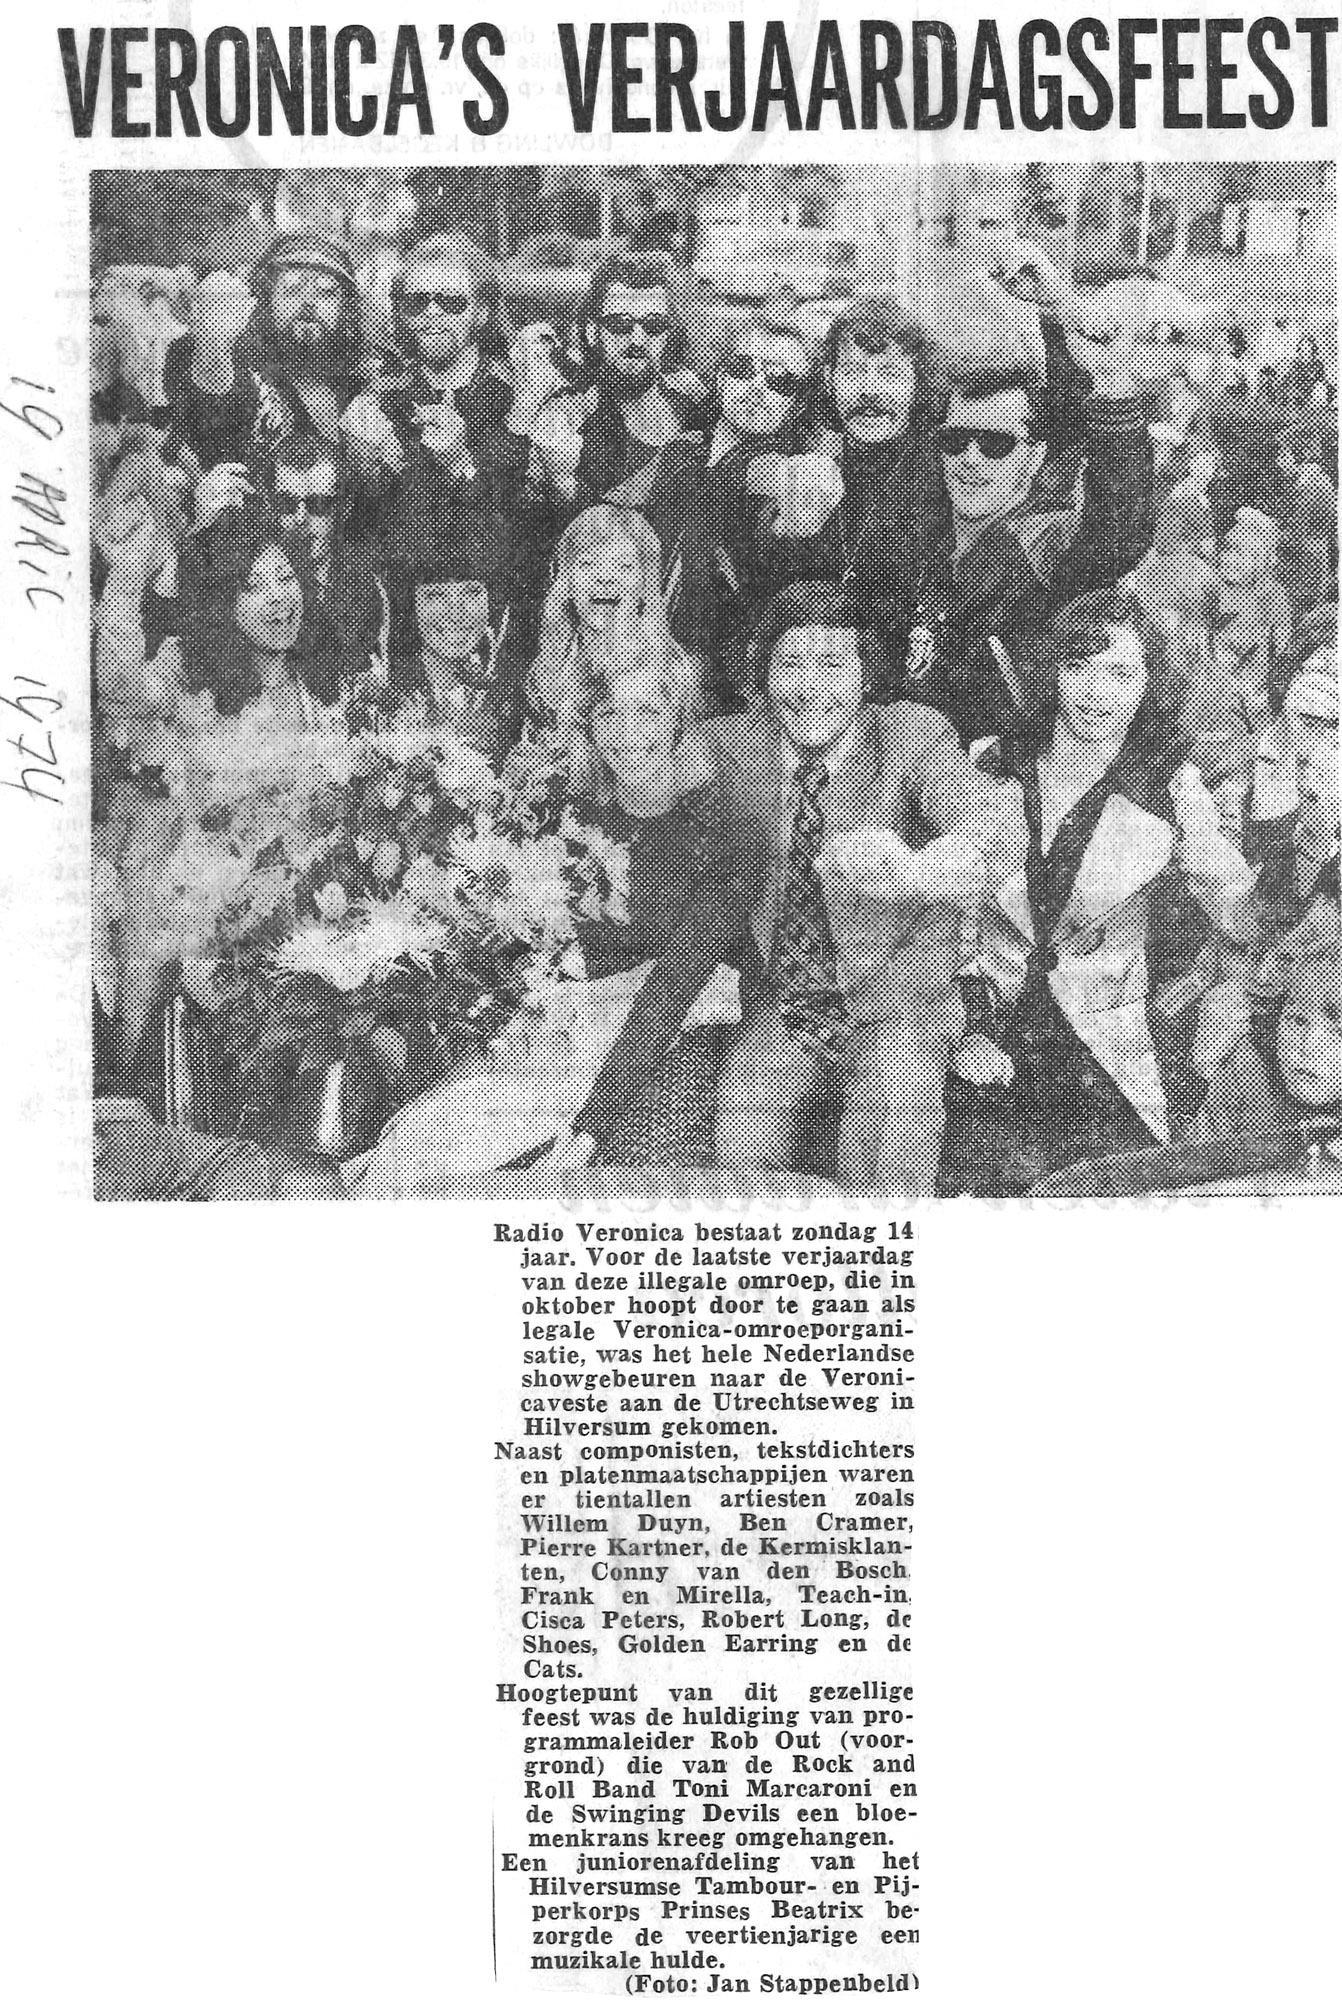 19740419_Telegraaf_Vero_verjaardagsfeest.jpg